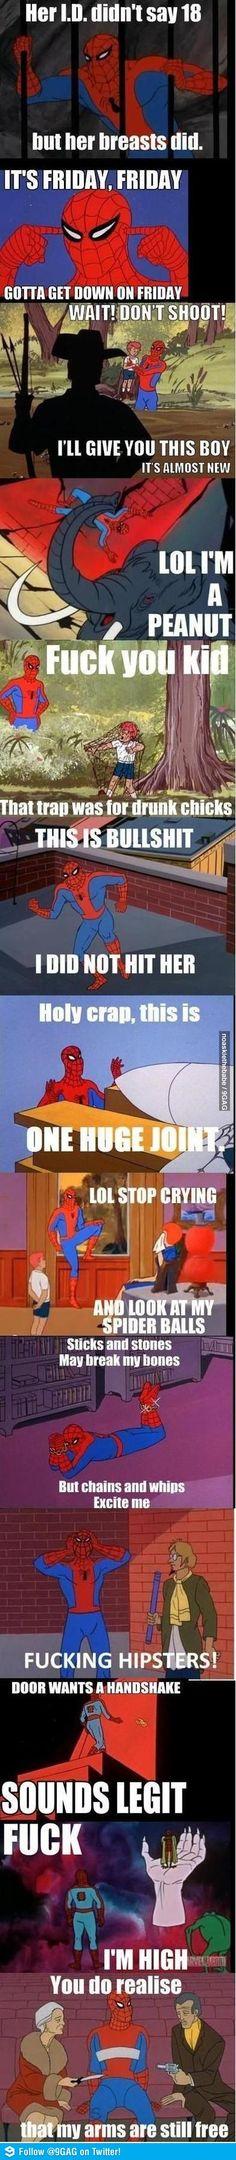 Spider Man Meme hungoverspidermanmemegeneratorohno